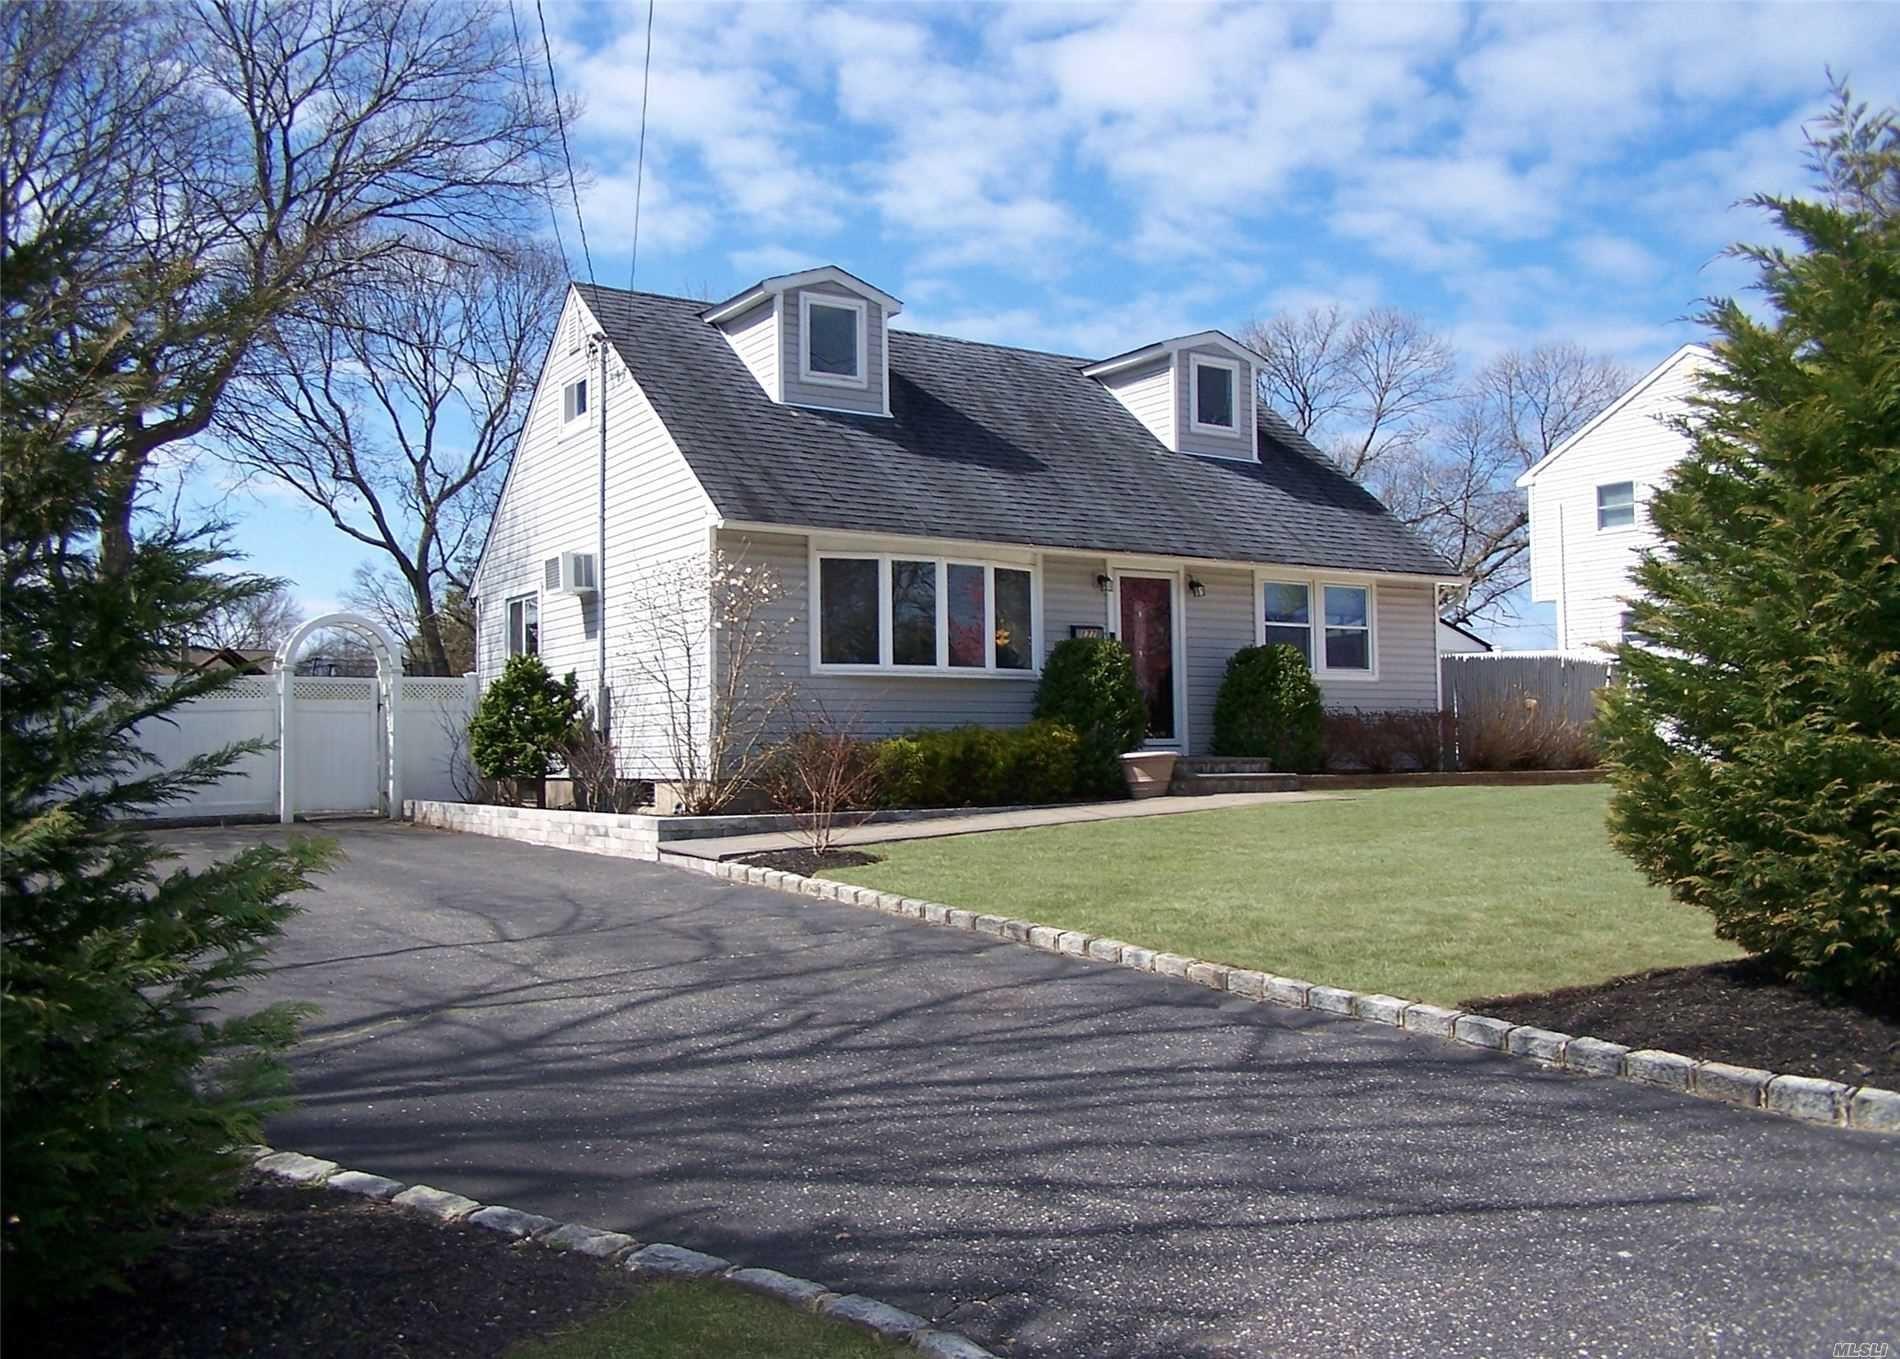 177 Mark Tree Rd, Centereach, NY 11720 - MLS#: 3214794